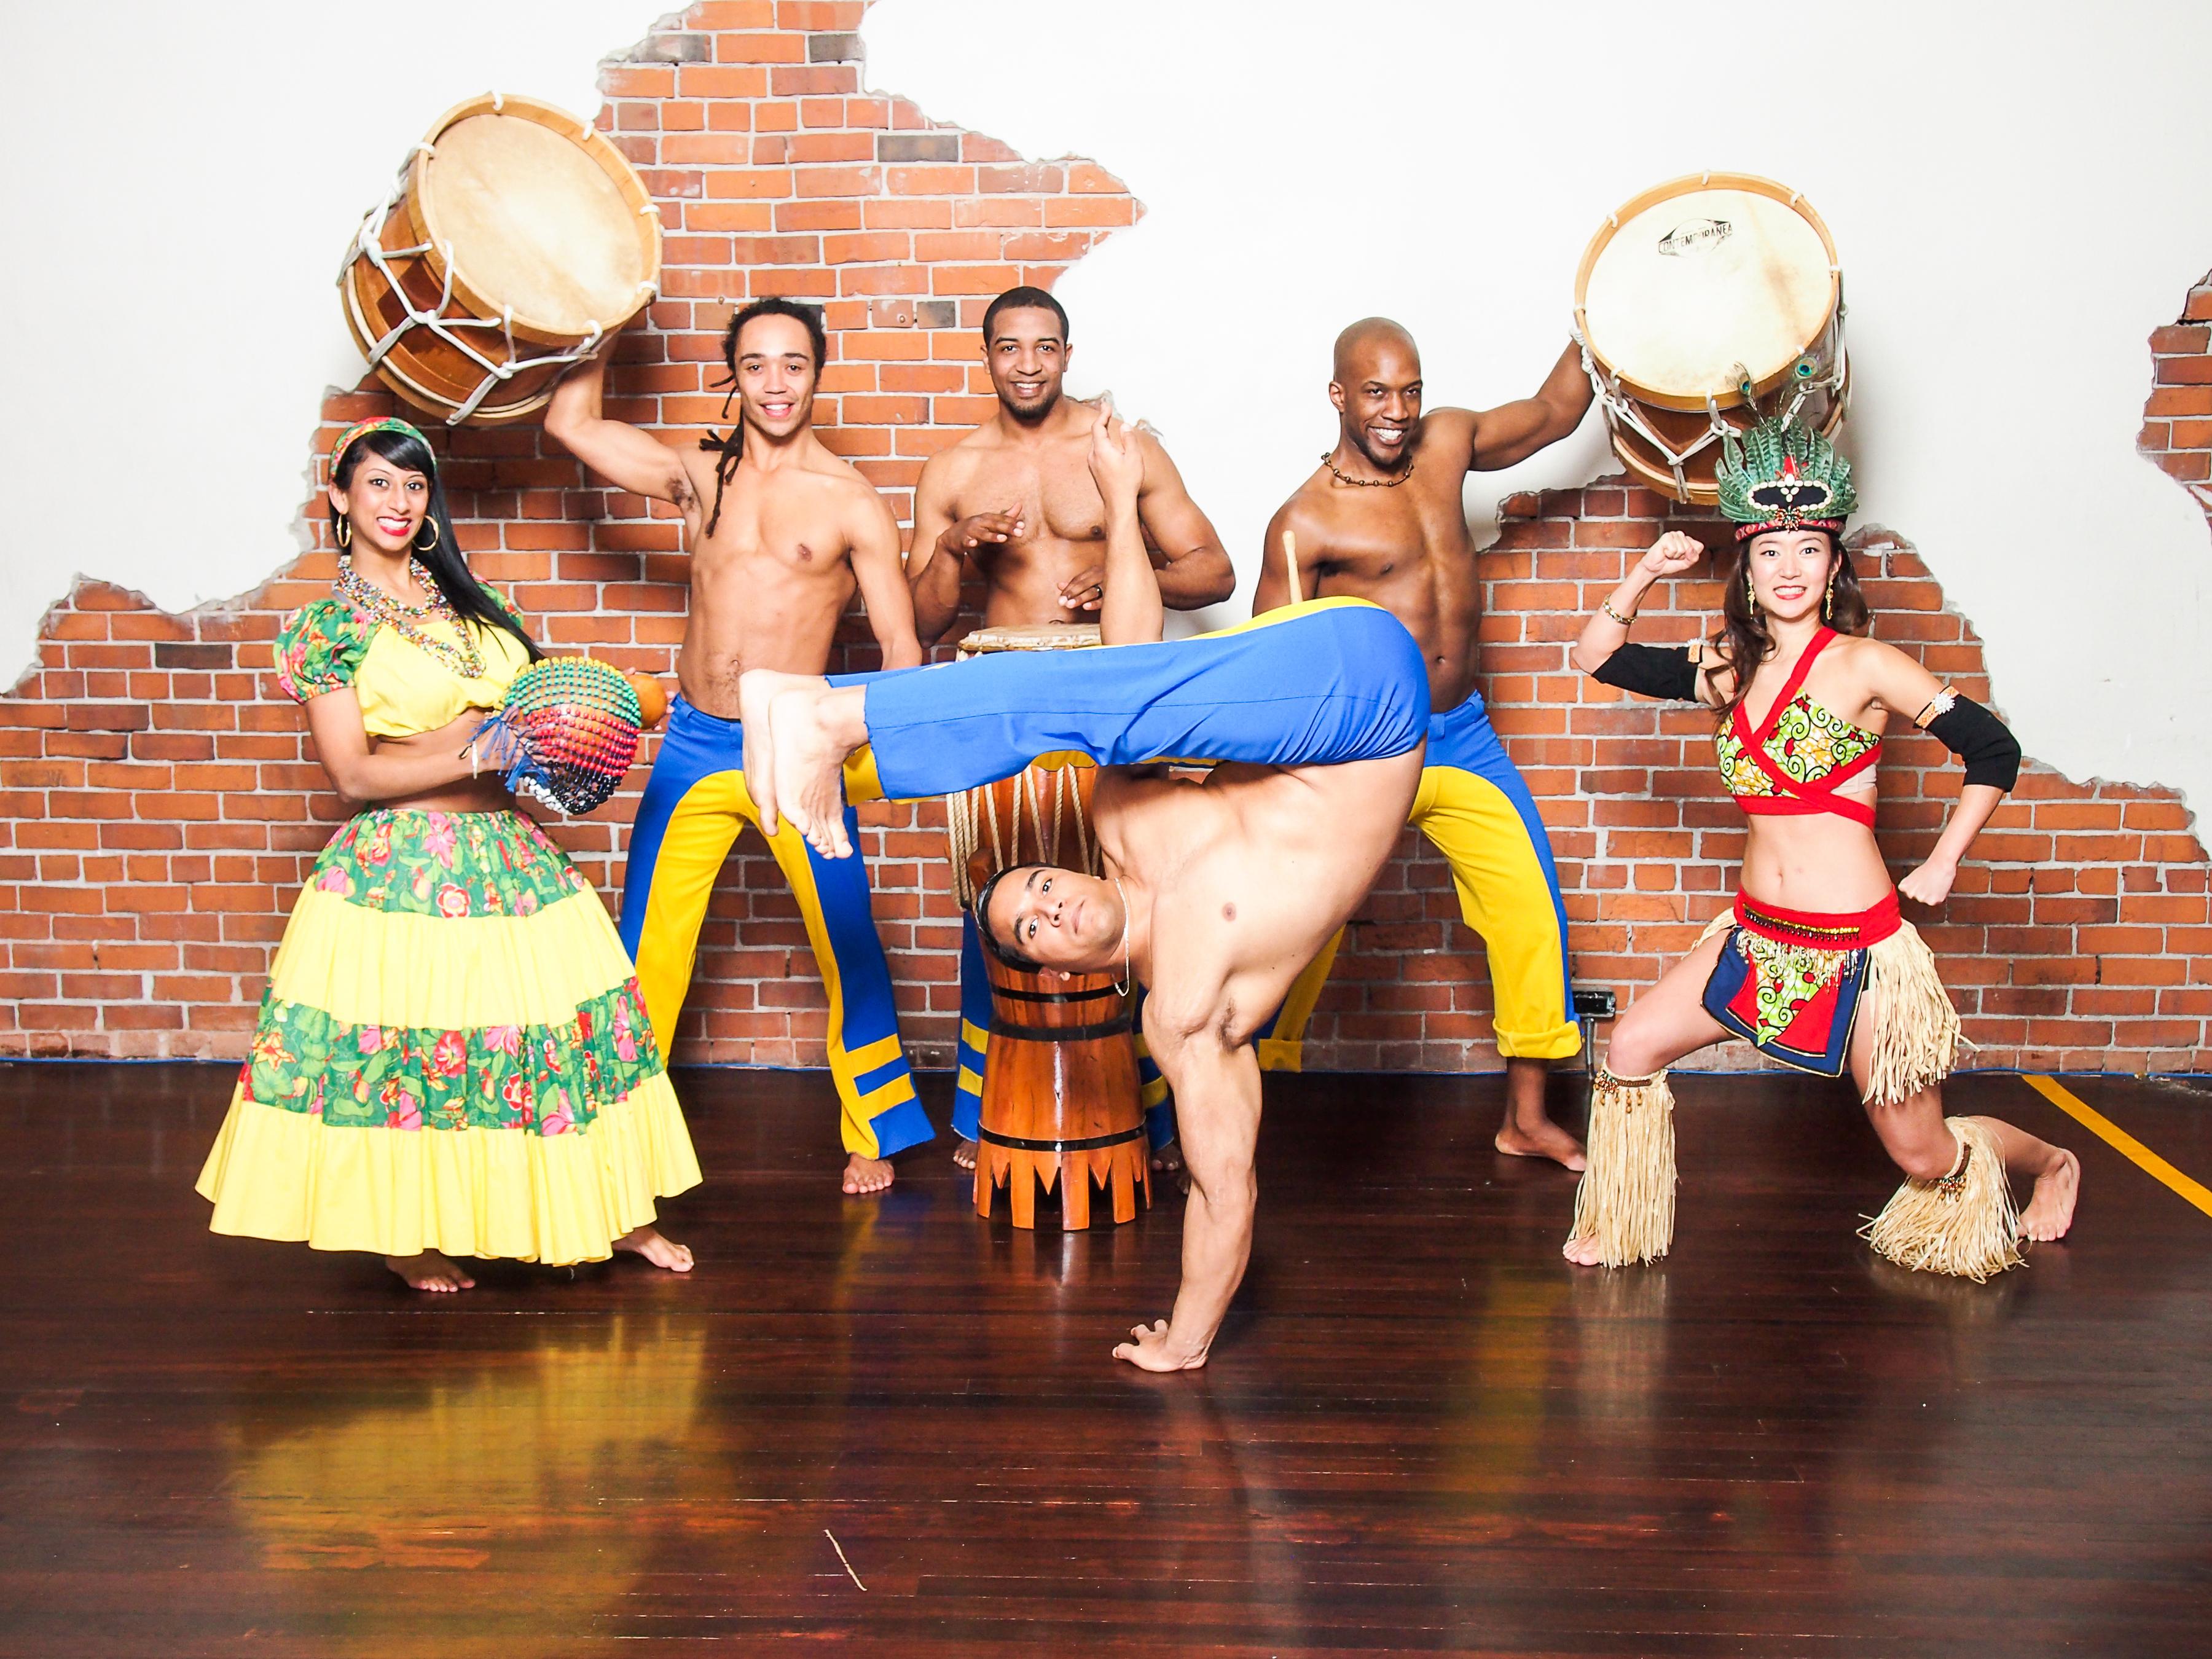 Axe_Capoeira.jpg